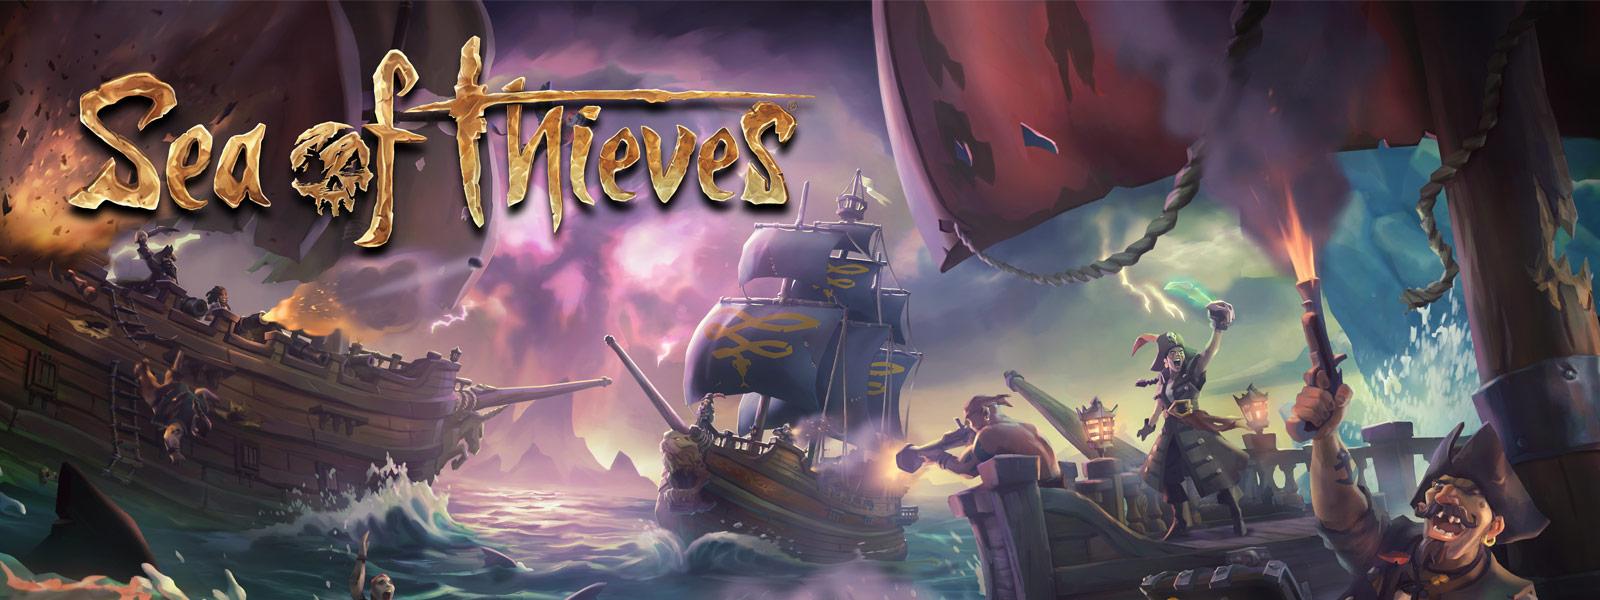 Sea of Thieves – lode bojujúce v oceáne a strieľajúce na ostatné lode